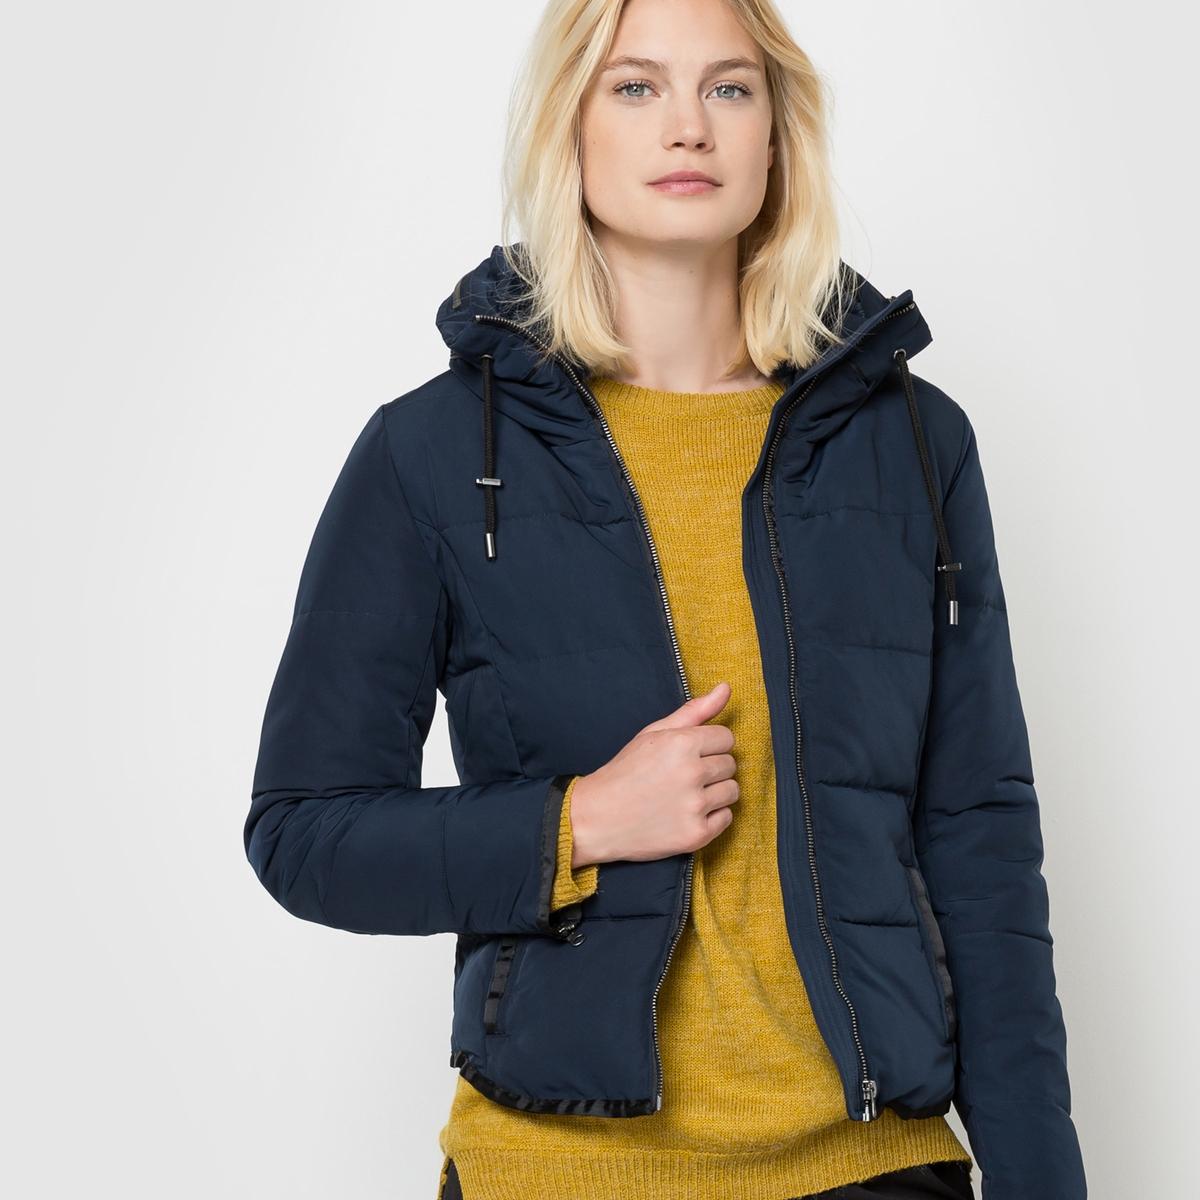 Куртка стёганая с капюшономСостав и описание     Материал     100% полиэстера     Марка     ICHI<br><br>Цвет: темно-синий<br>Размер: M